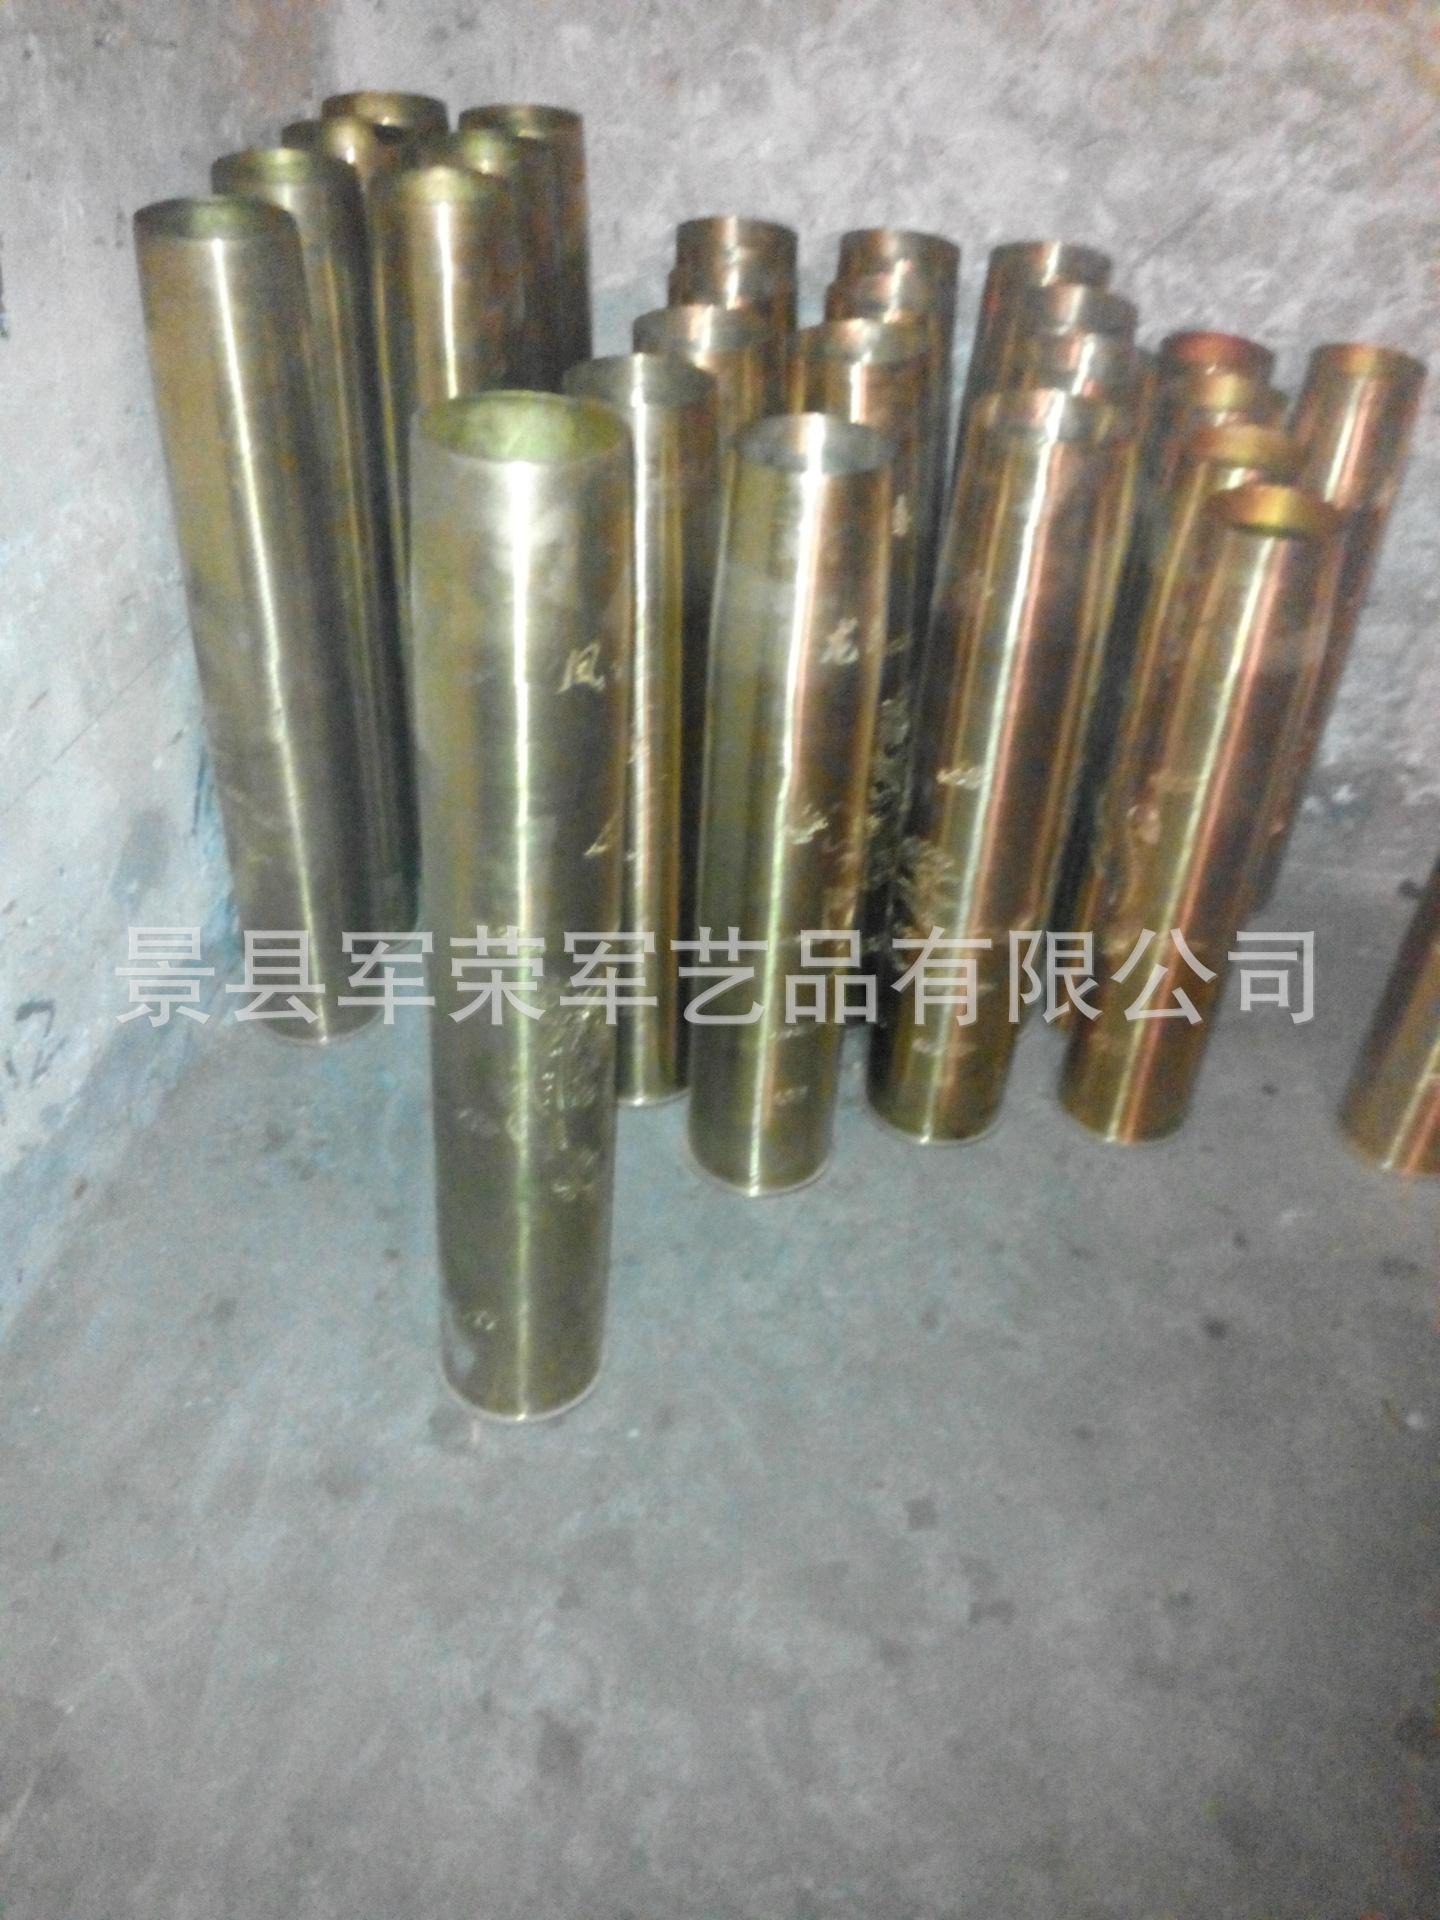 厂家批发金属工艺品海130铜抛光喷漆刻龙、凤壳全套